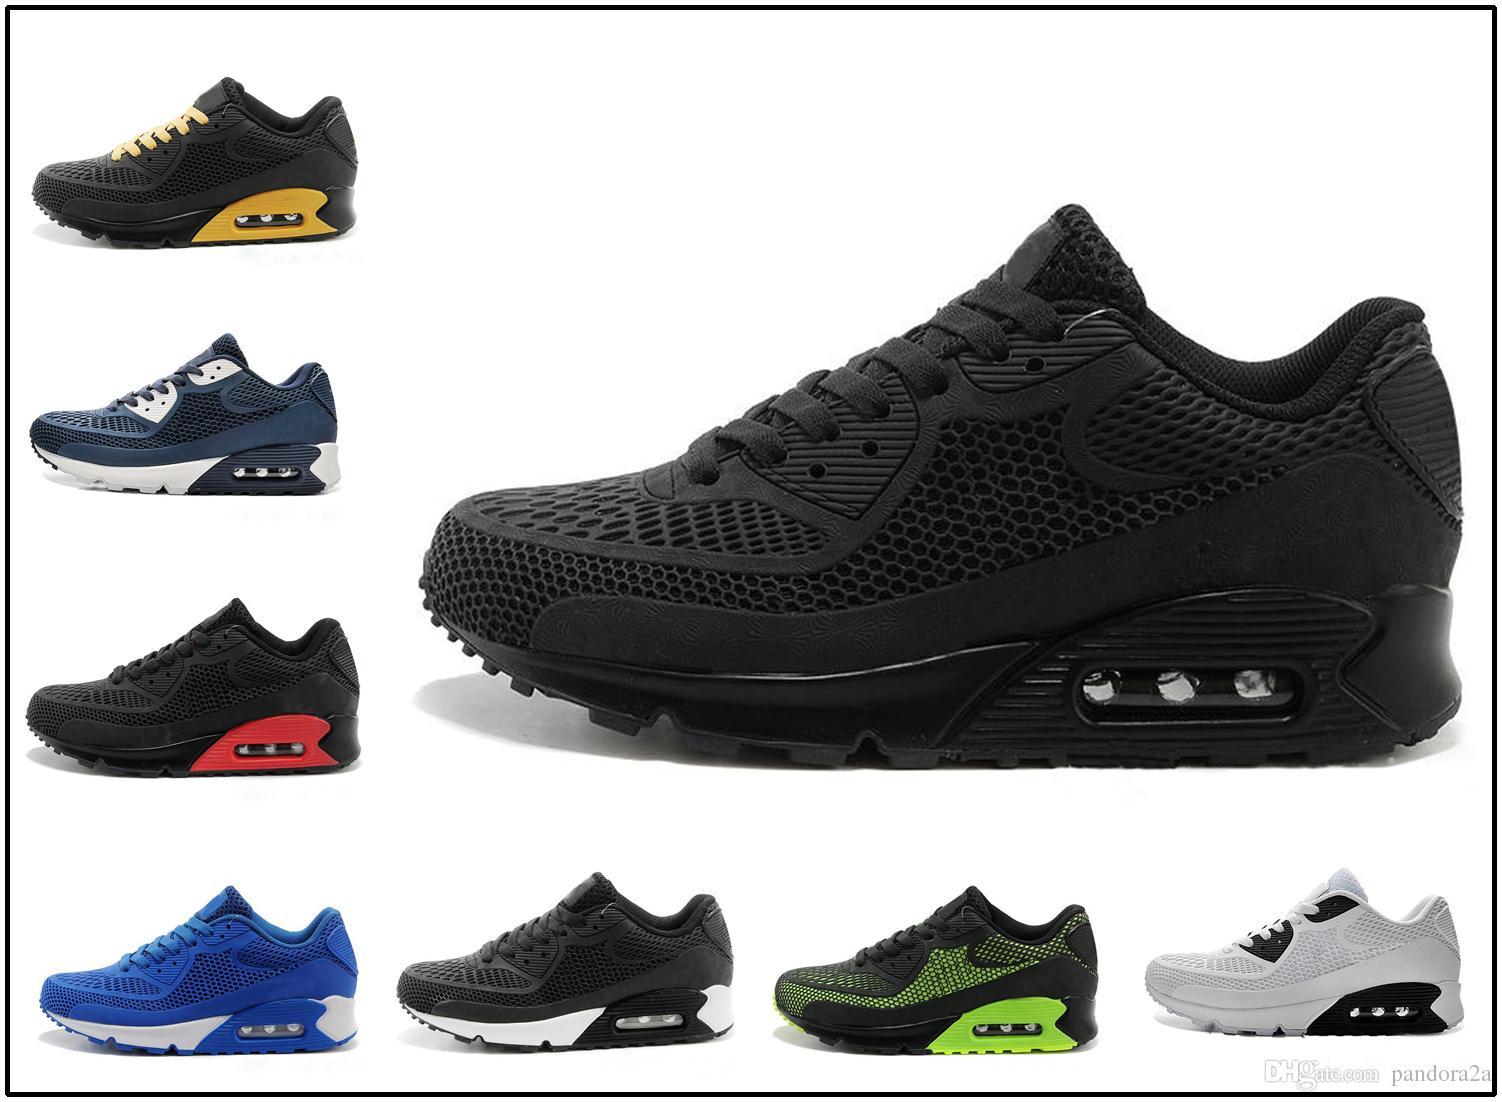 huge discount d757d 828d6 Compre Nike Air Max Airmax 90 Kpu 2018 Nuevas Zapatillas De Deporte Cojín  90 KPU Hombres Mujeres Zapatillas De Deporte De Alta Calidad Baratas Todo  Negro ...